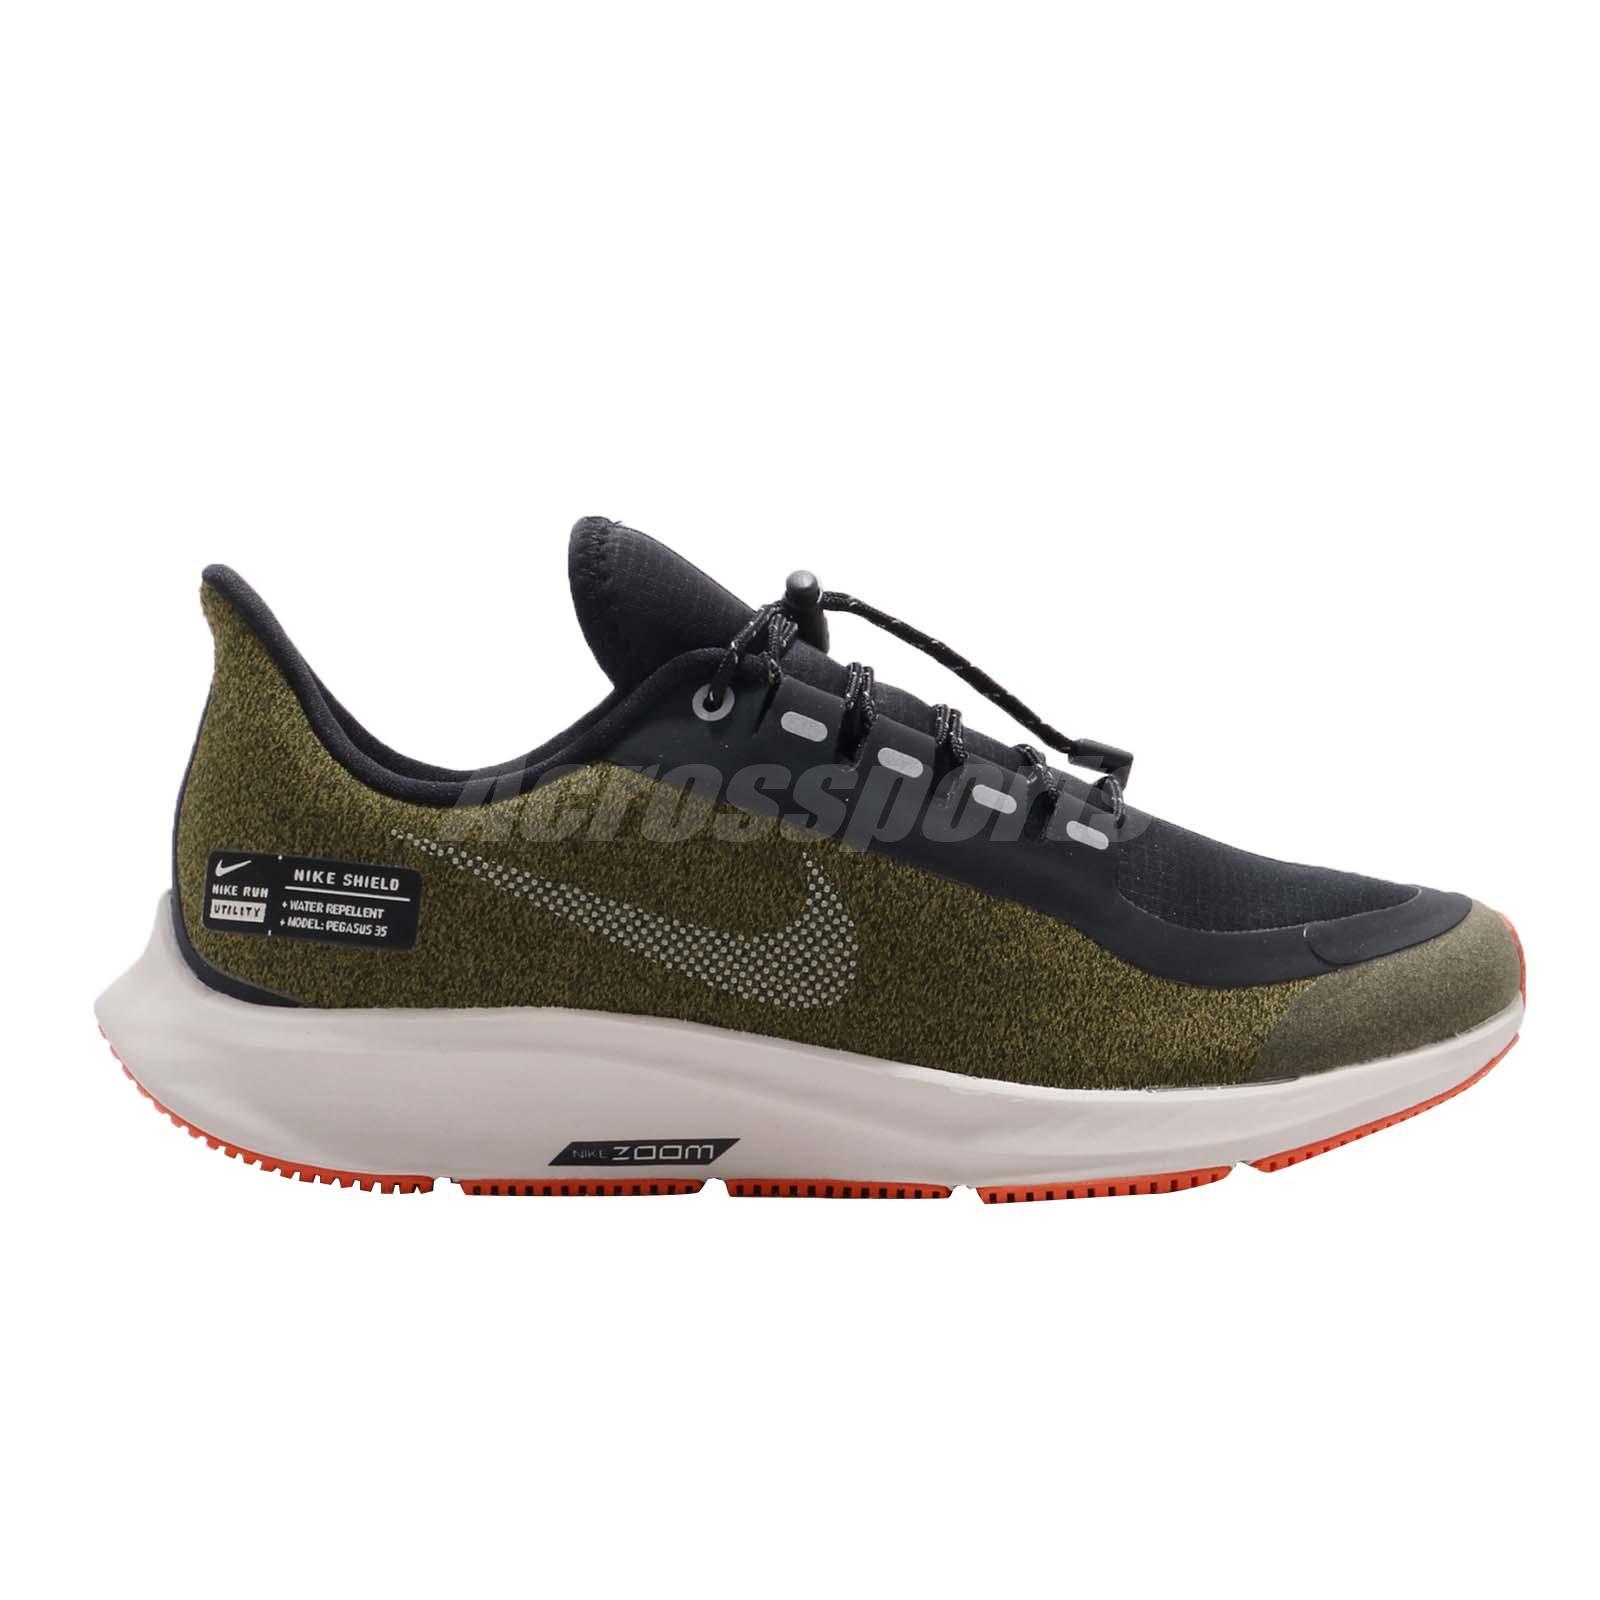 6bb0770626 Nike Air Zoom Pegasus 35 Shield GS Olive Flak Black Kid Women ...